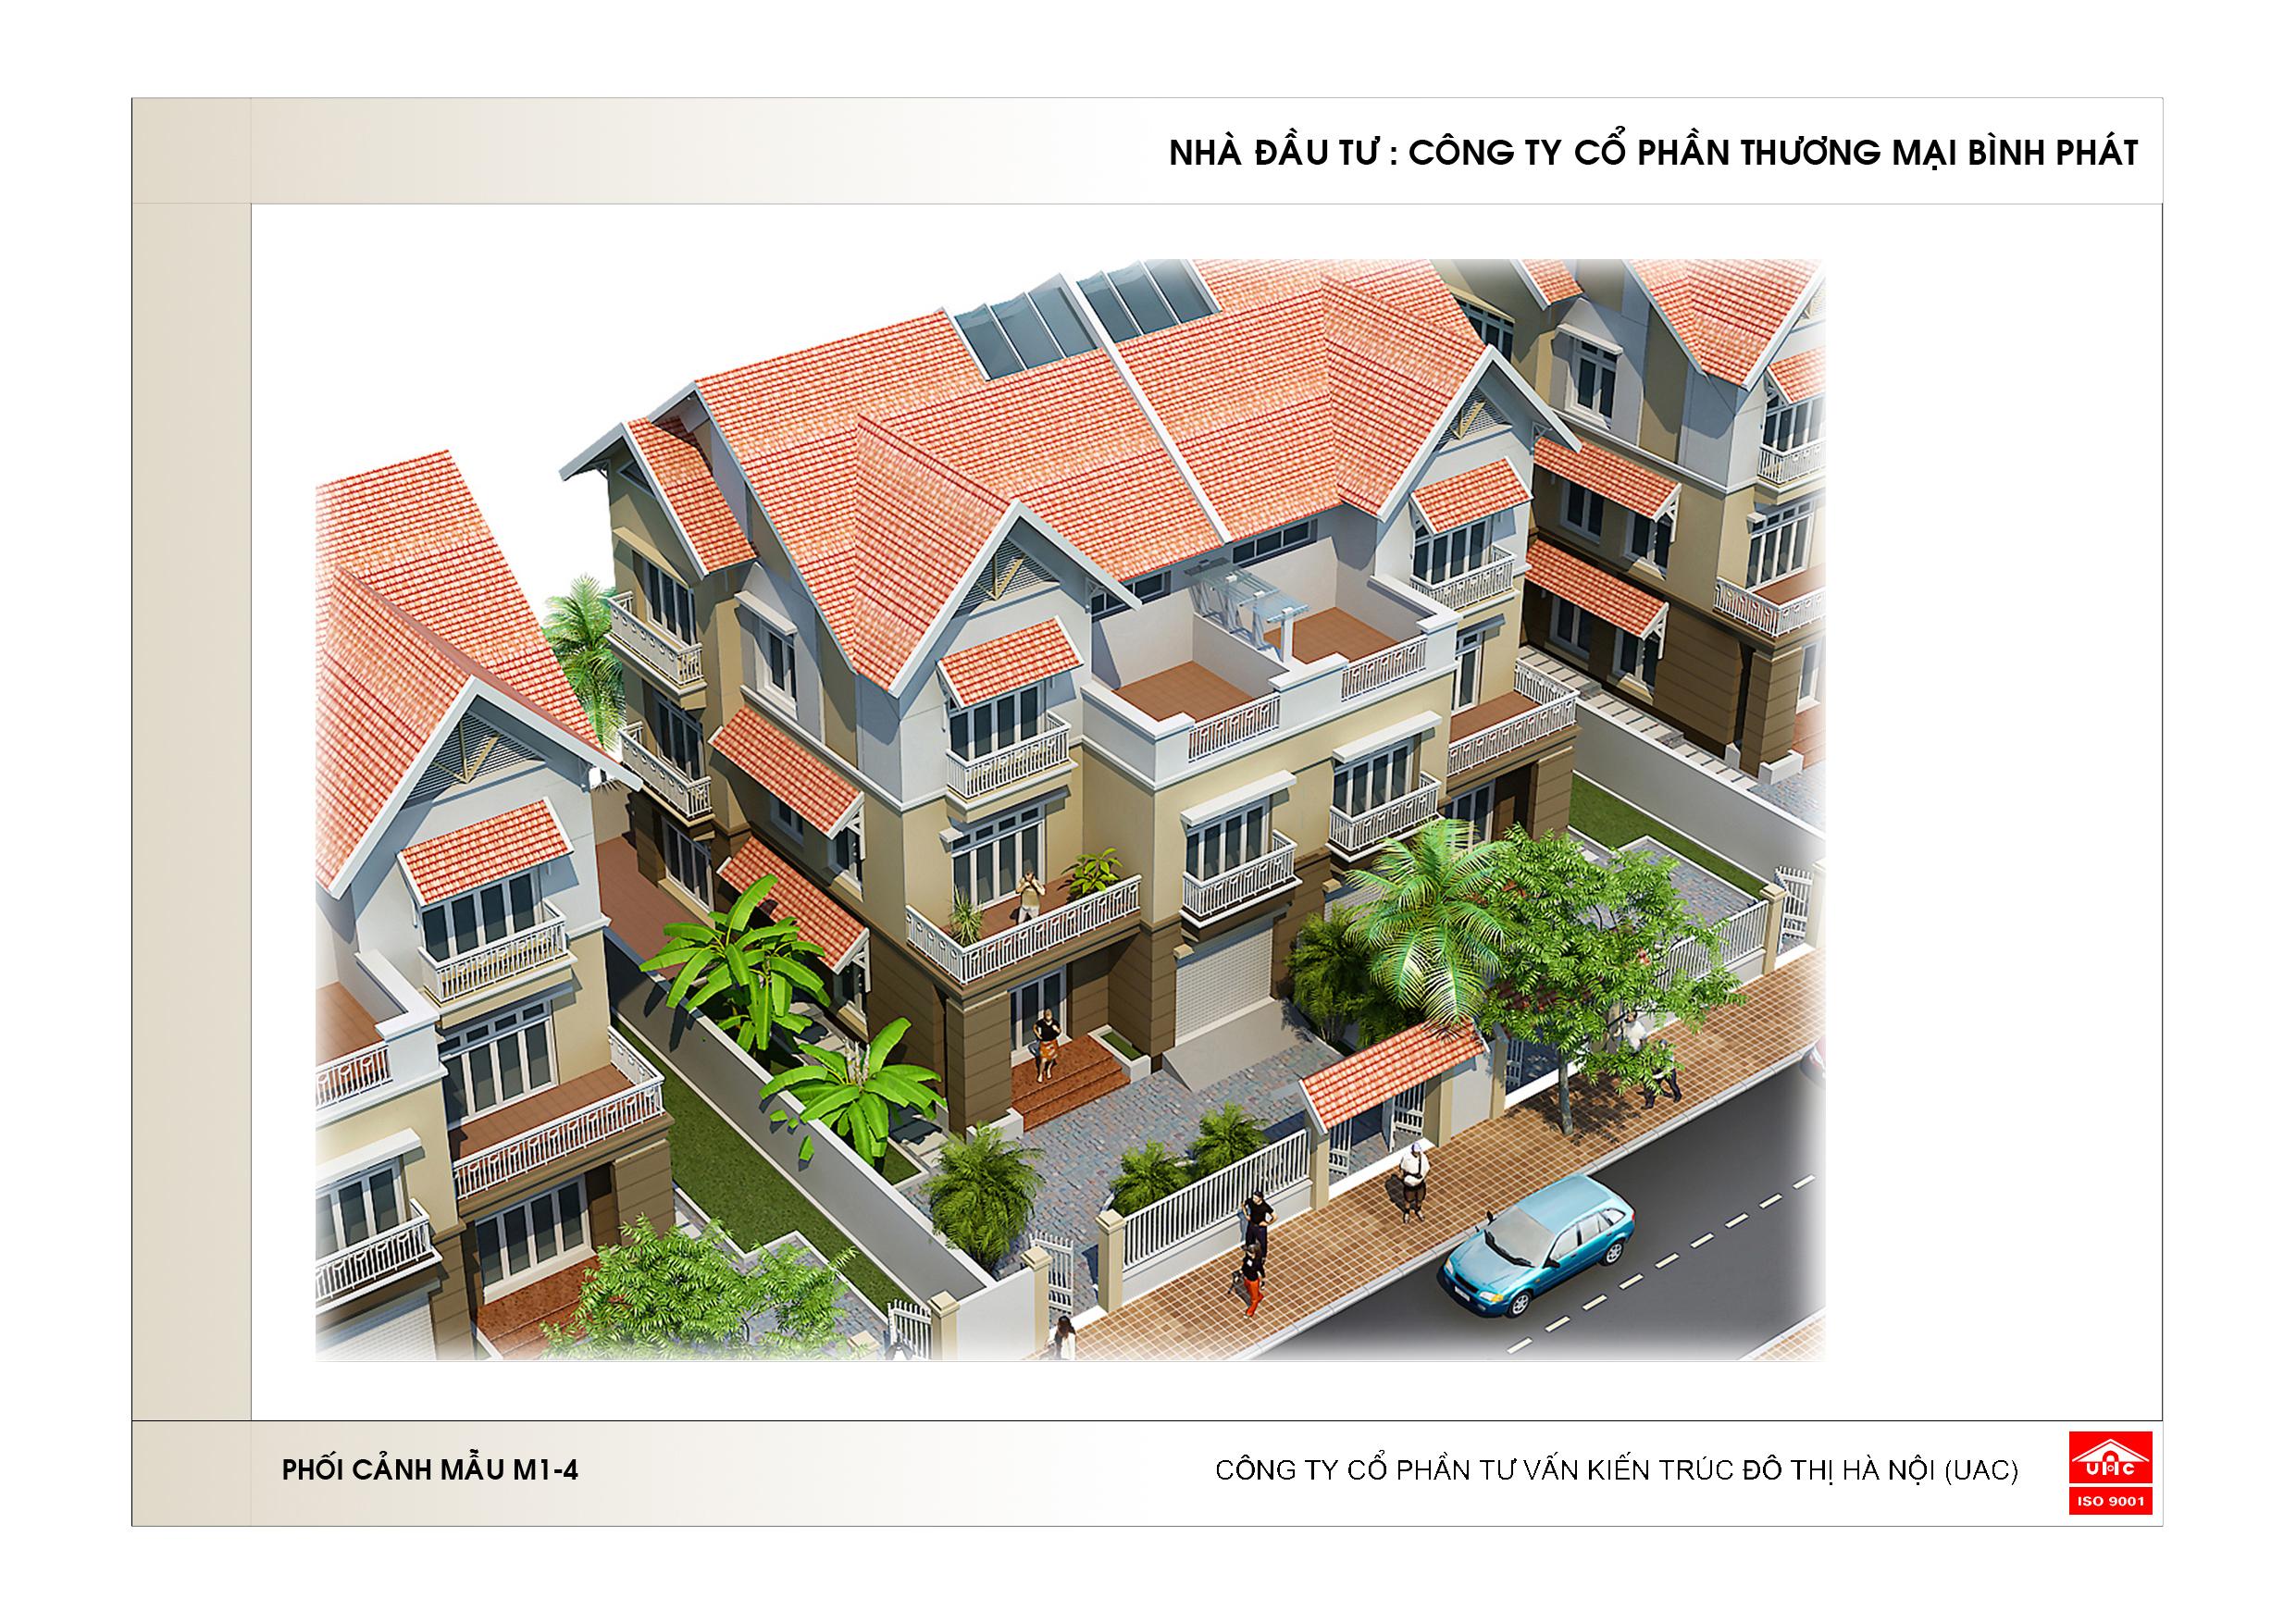 Bán Biệt Thự TT2 - Thành phố giao lưu